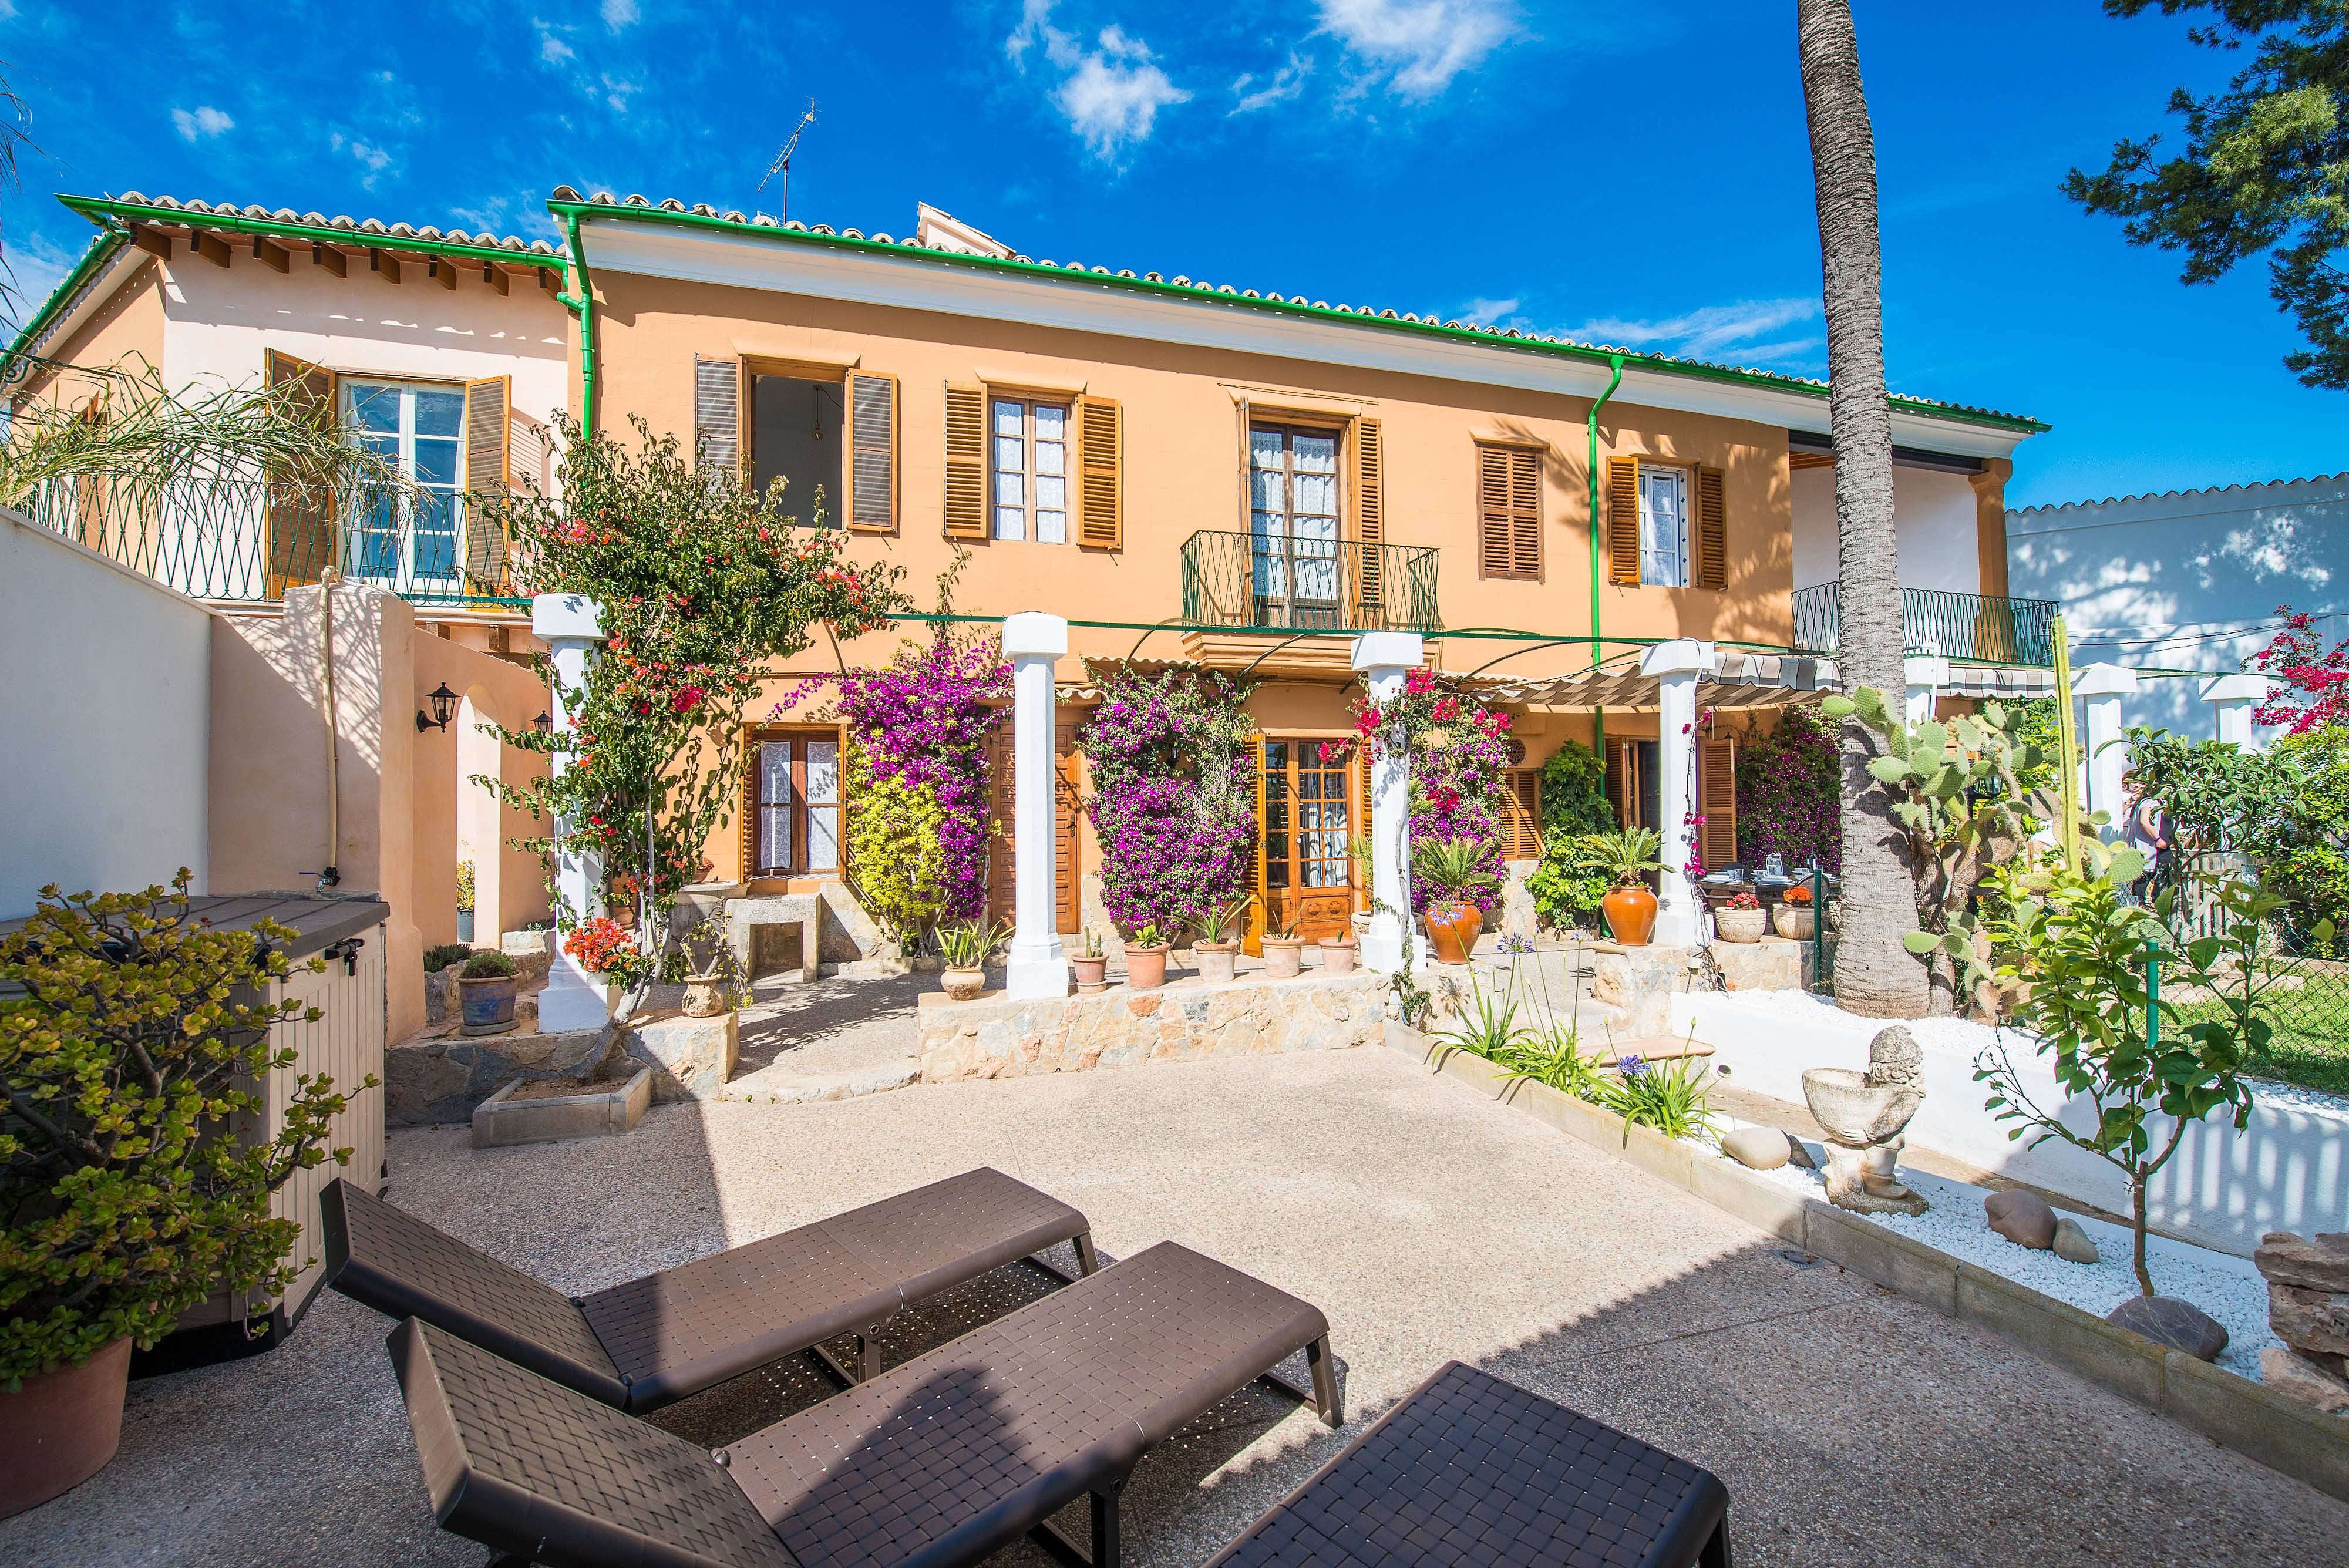 Apartamento en alquiler en genova genova palma de mallorca mallorca sierra de tramontana - Apartamentos alquiler palma de mallorca ...